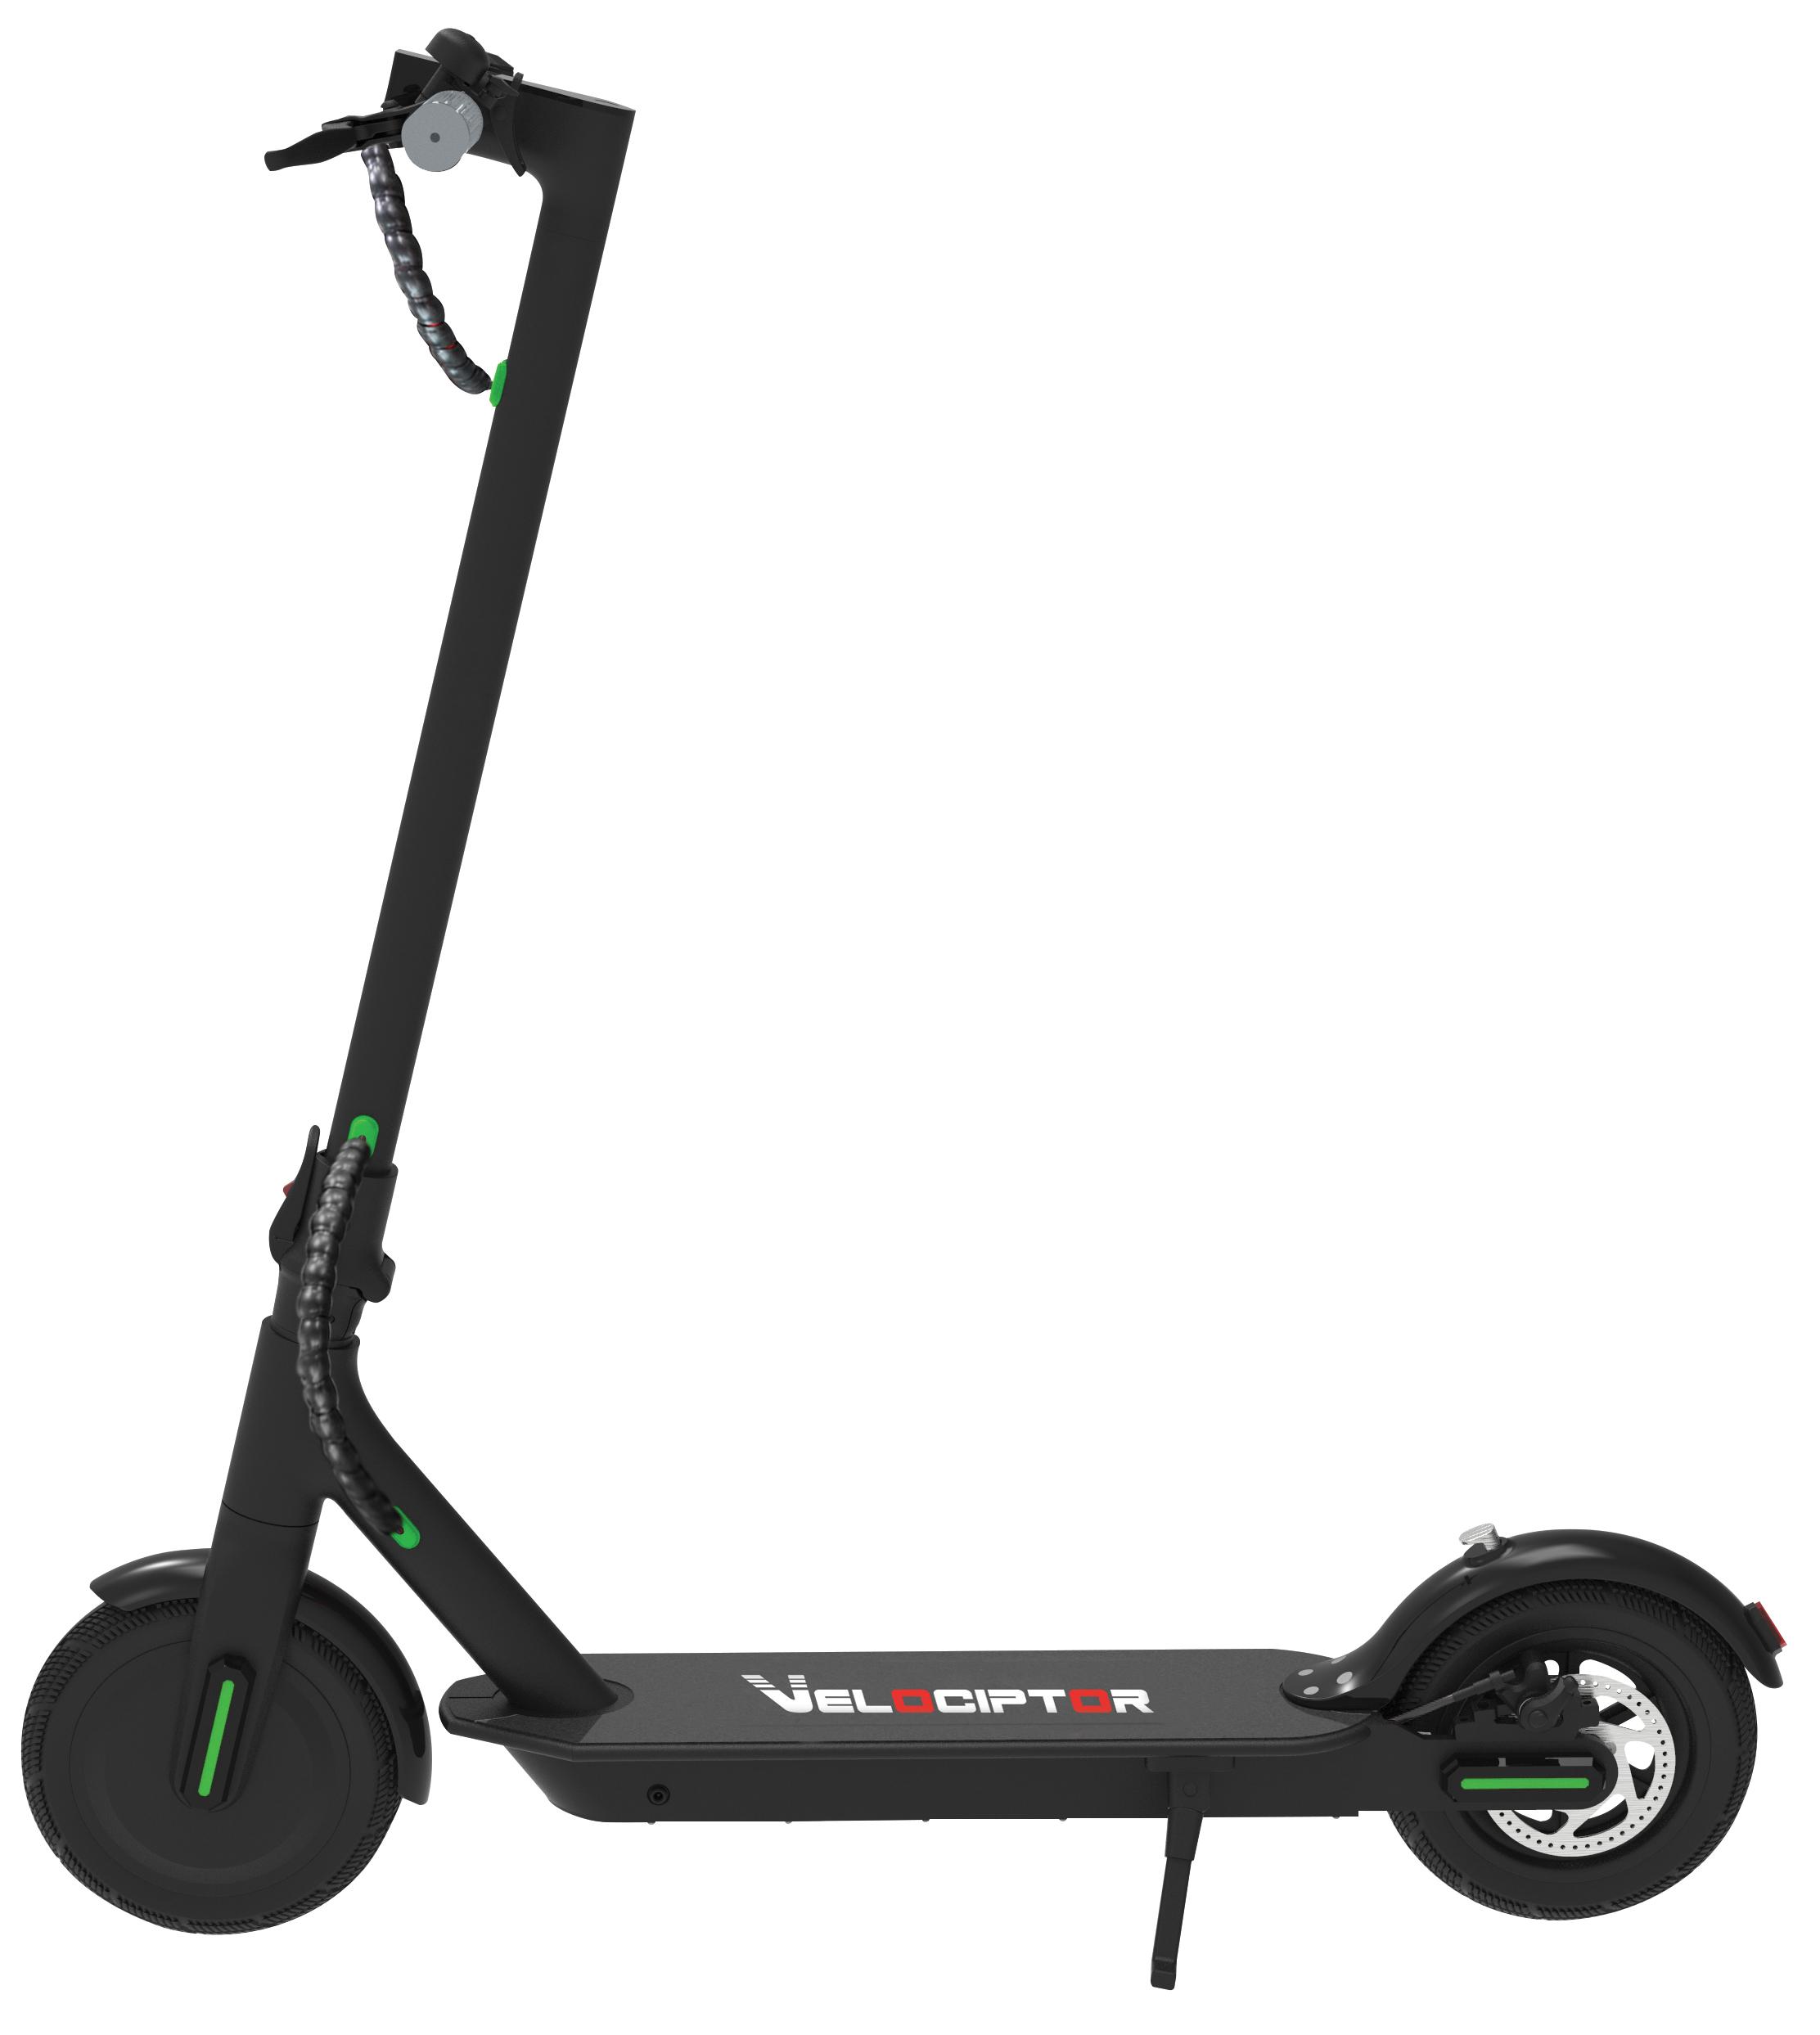 VELOCIPTOR El Scooter 84 w